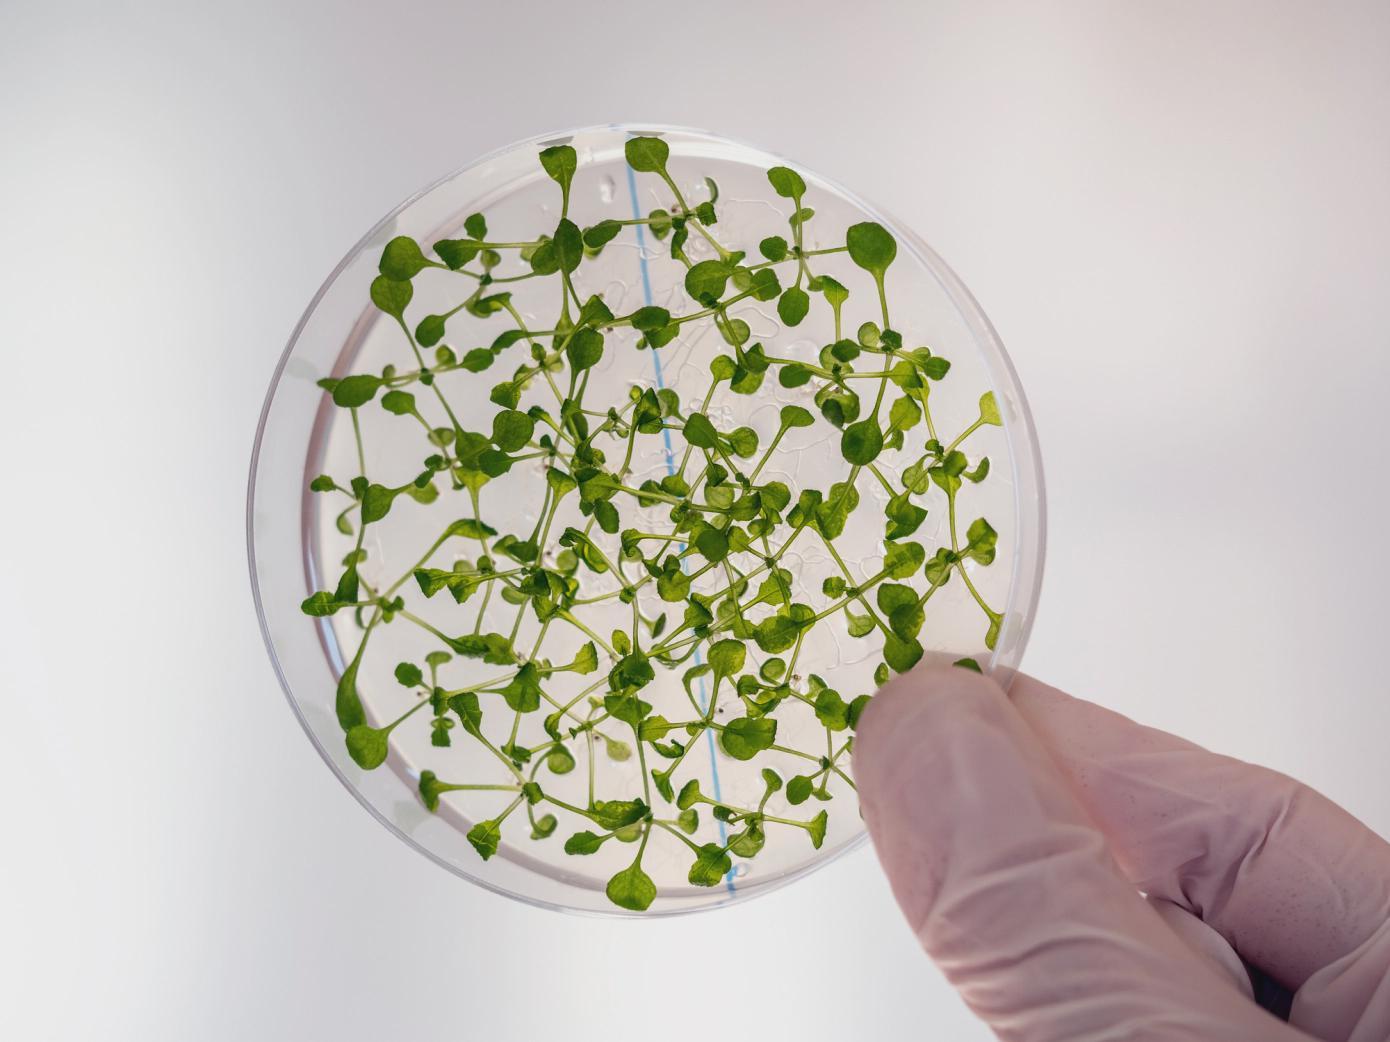 麻省理工学院开发出实验室生长植物组织的新方法